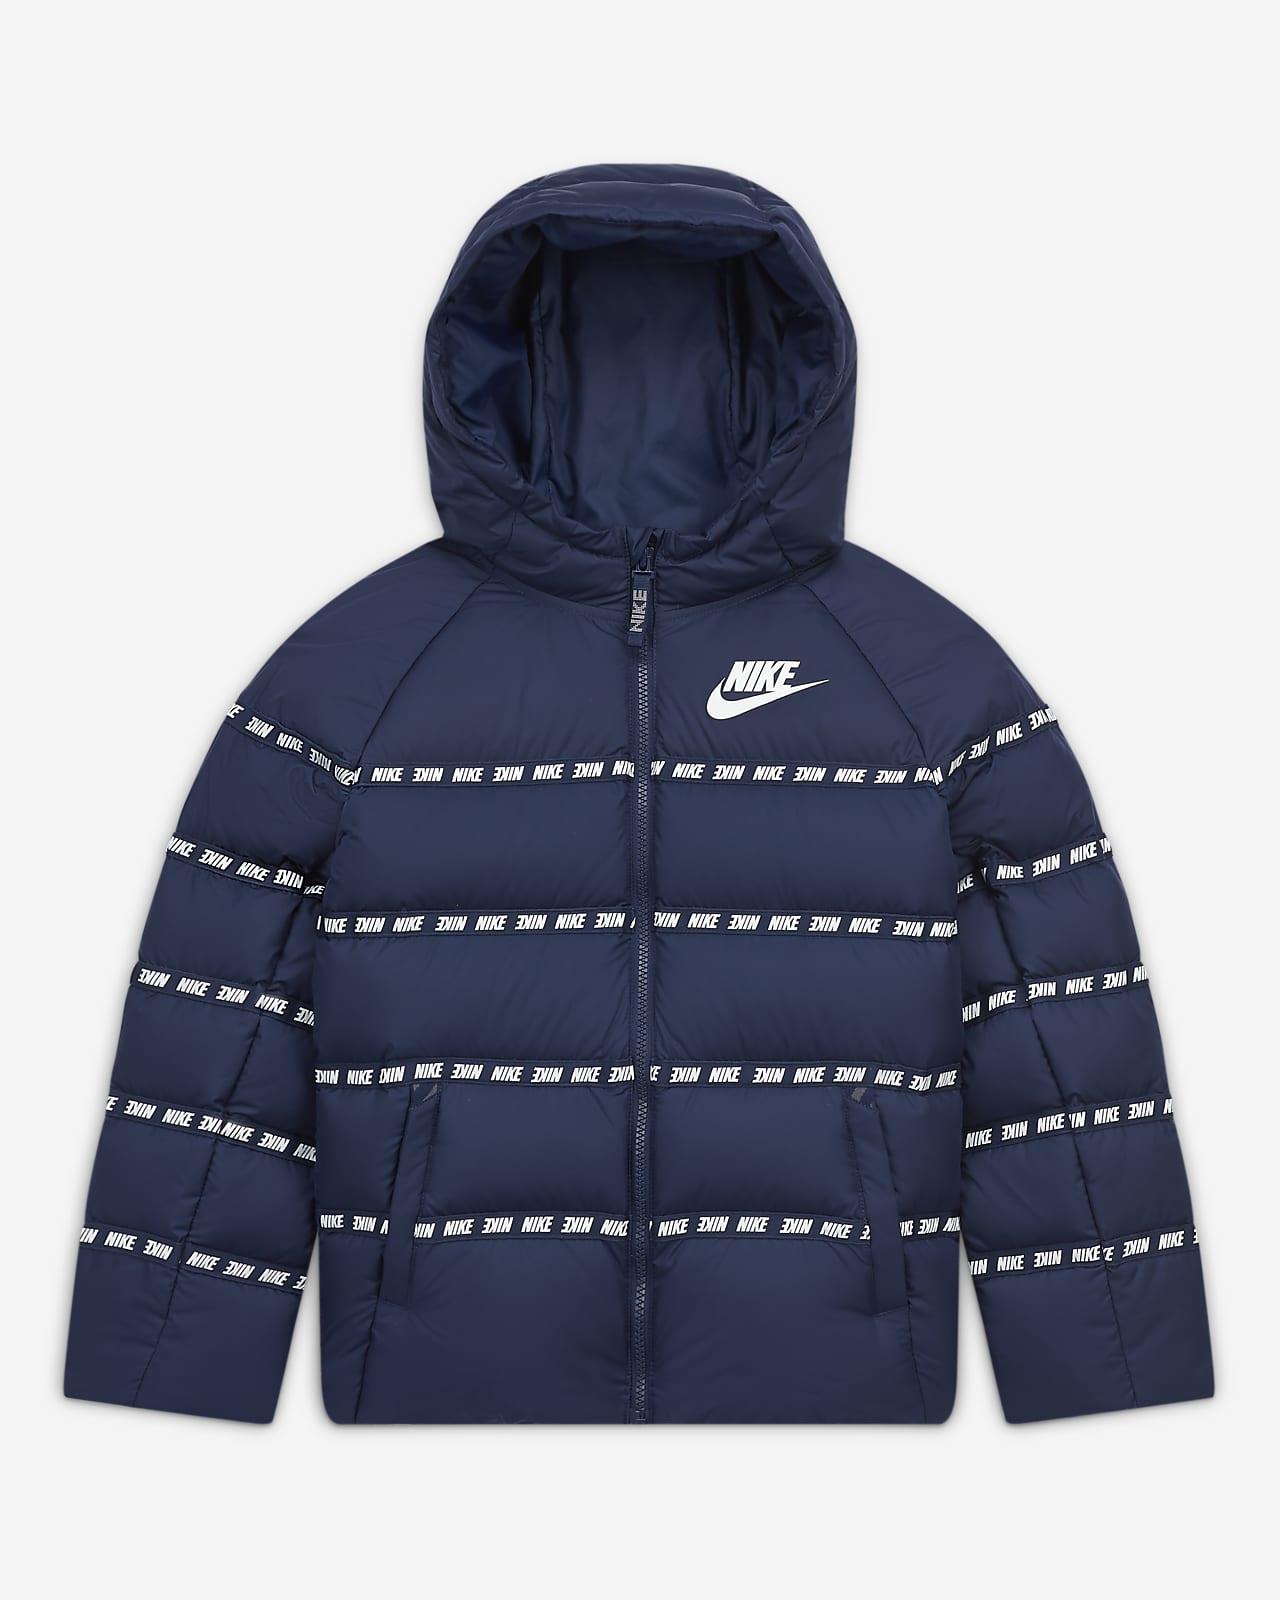 Peregrino Suradam recinto  Nike Sportswear Chaqueta de plumón - Niño/a. Nike ES